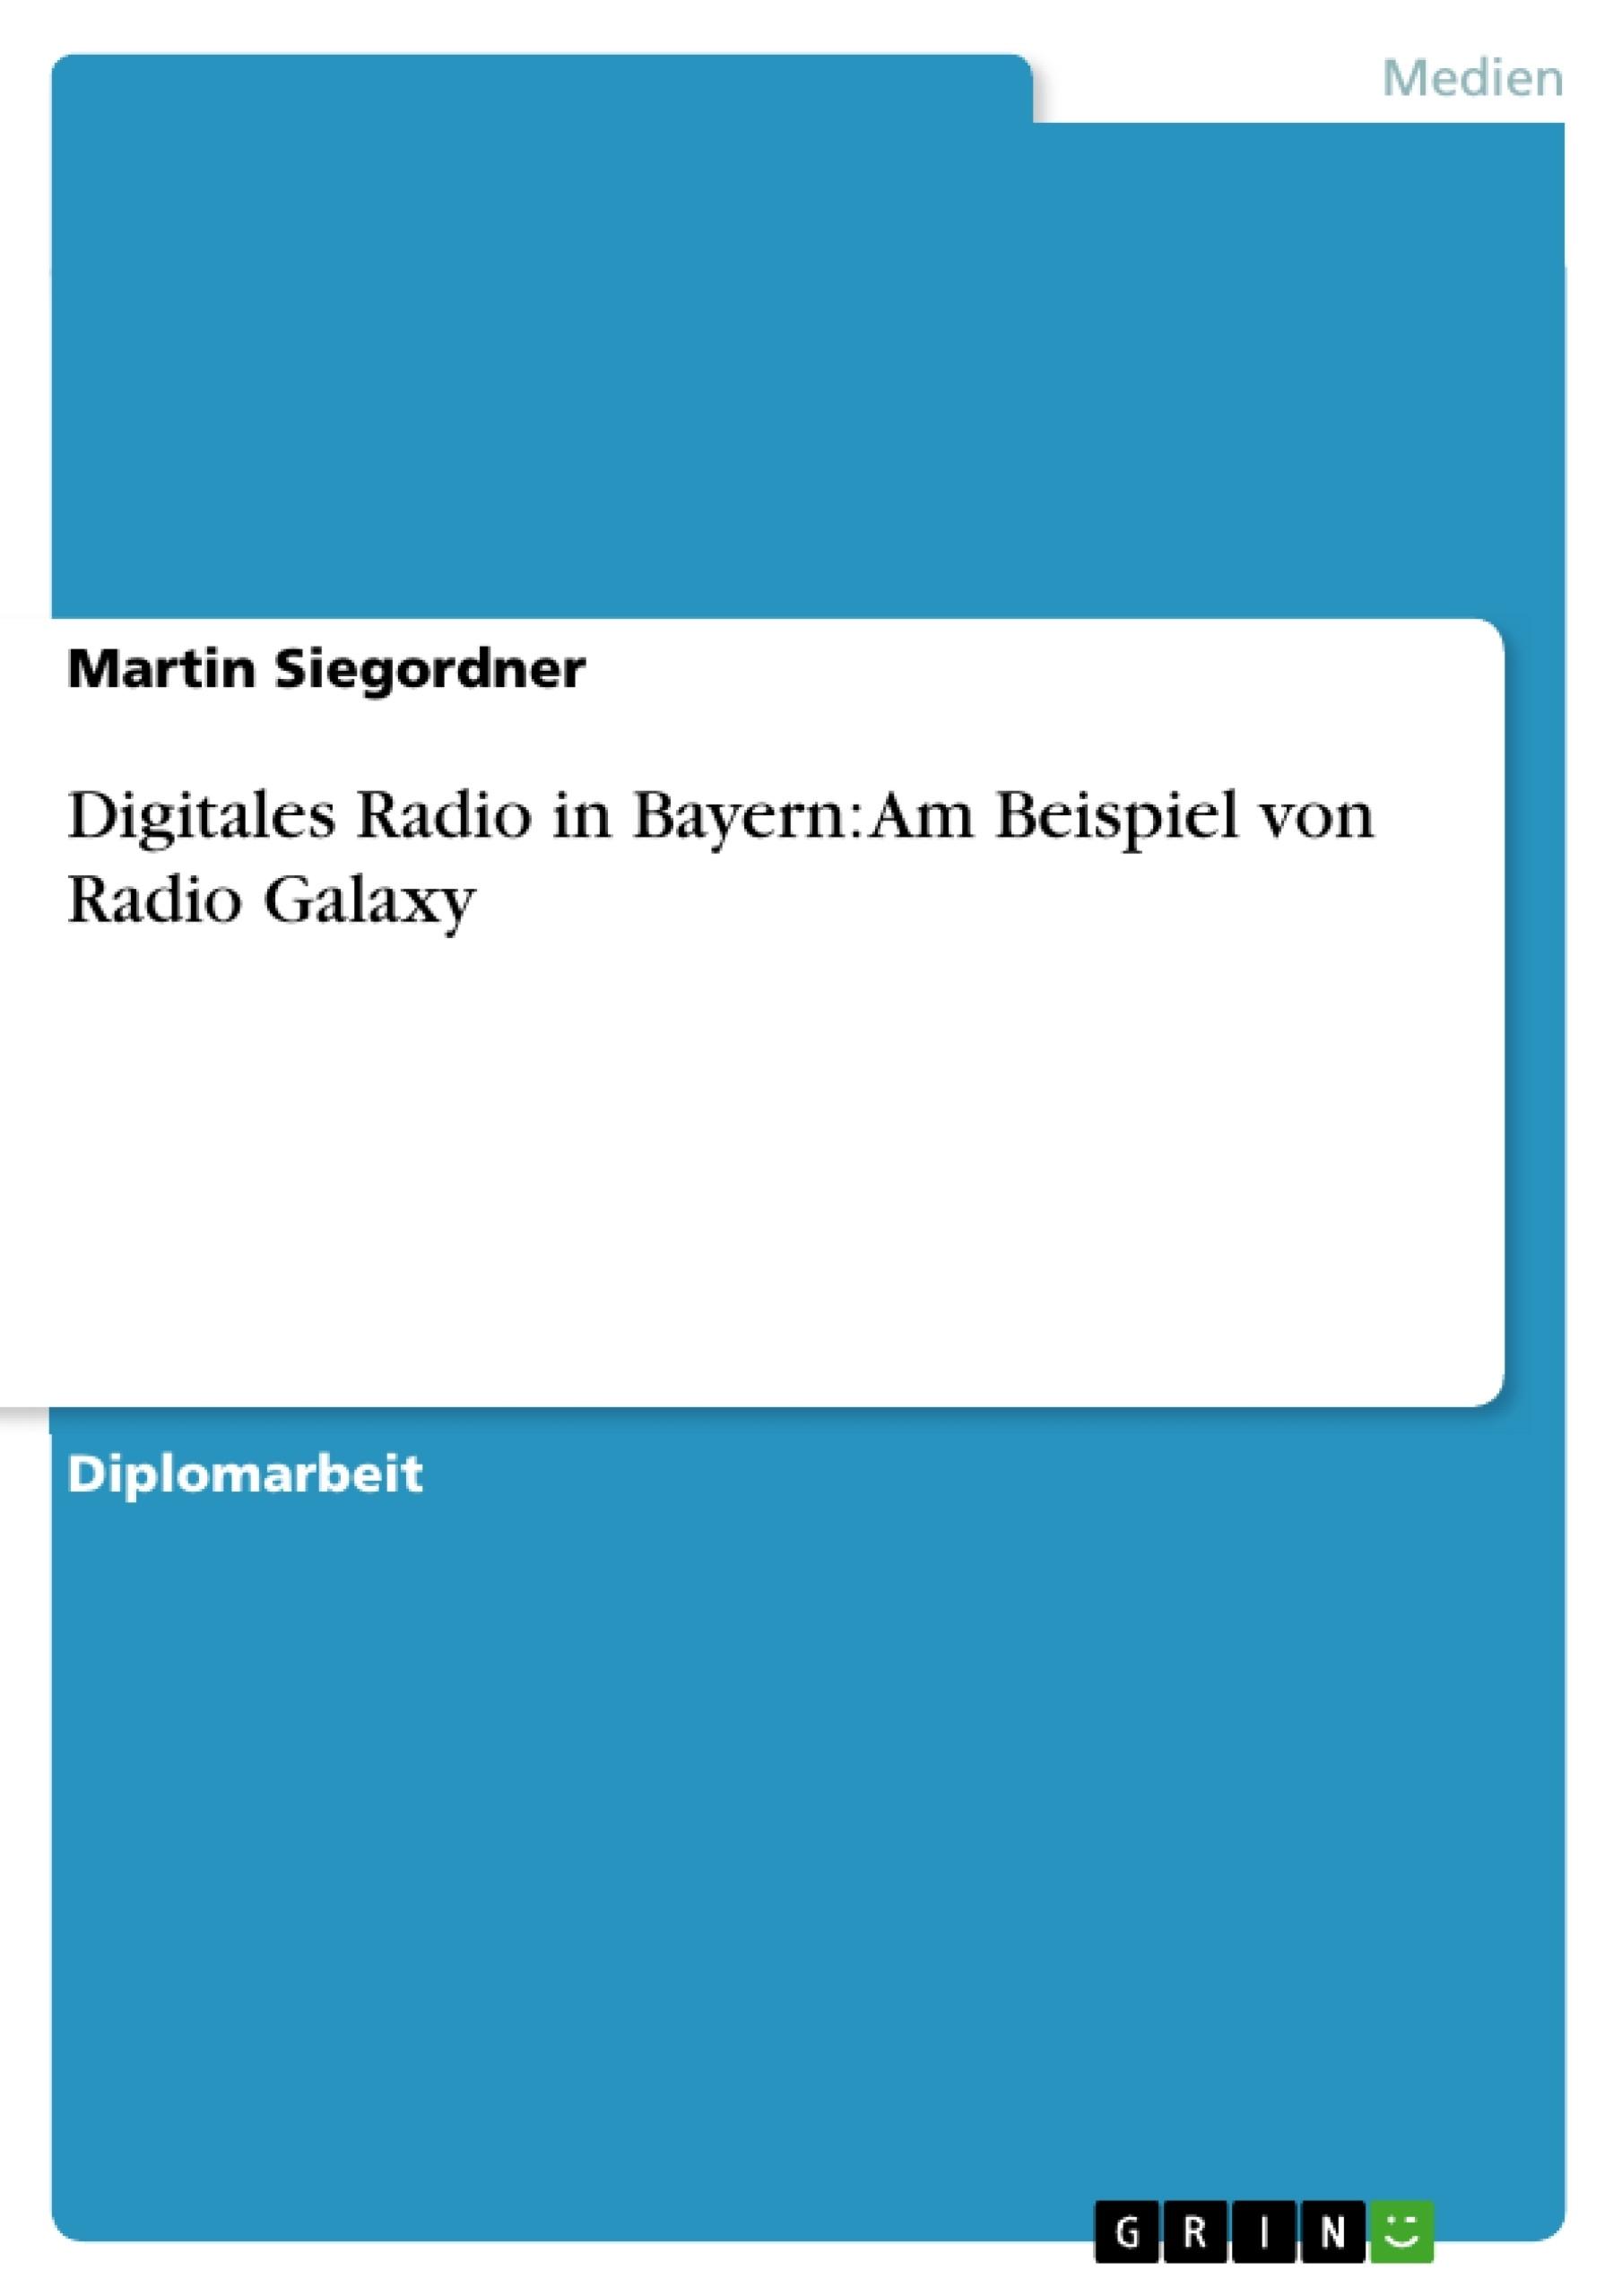 Titel: Digitales Radio in Bayern: Am Beispiel von Radio Galaxy